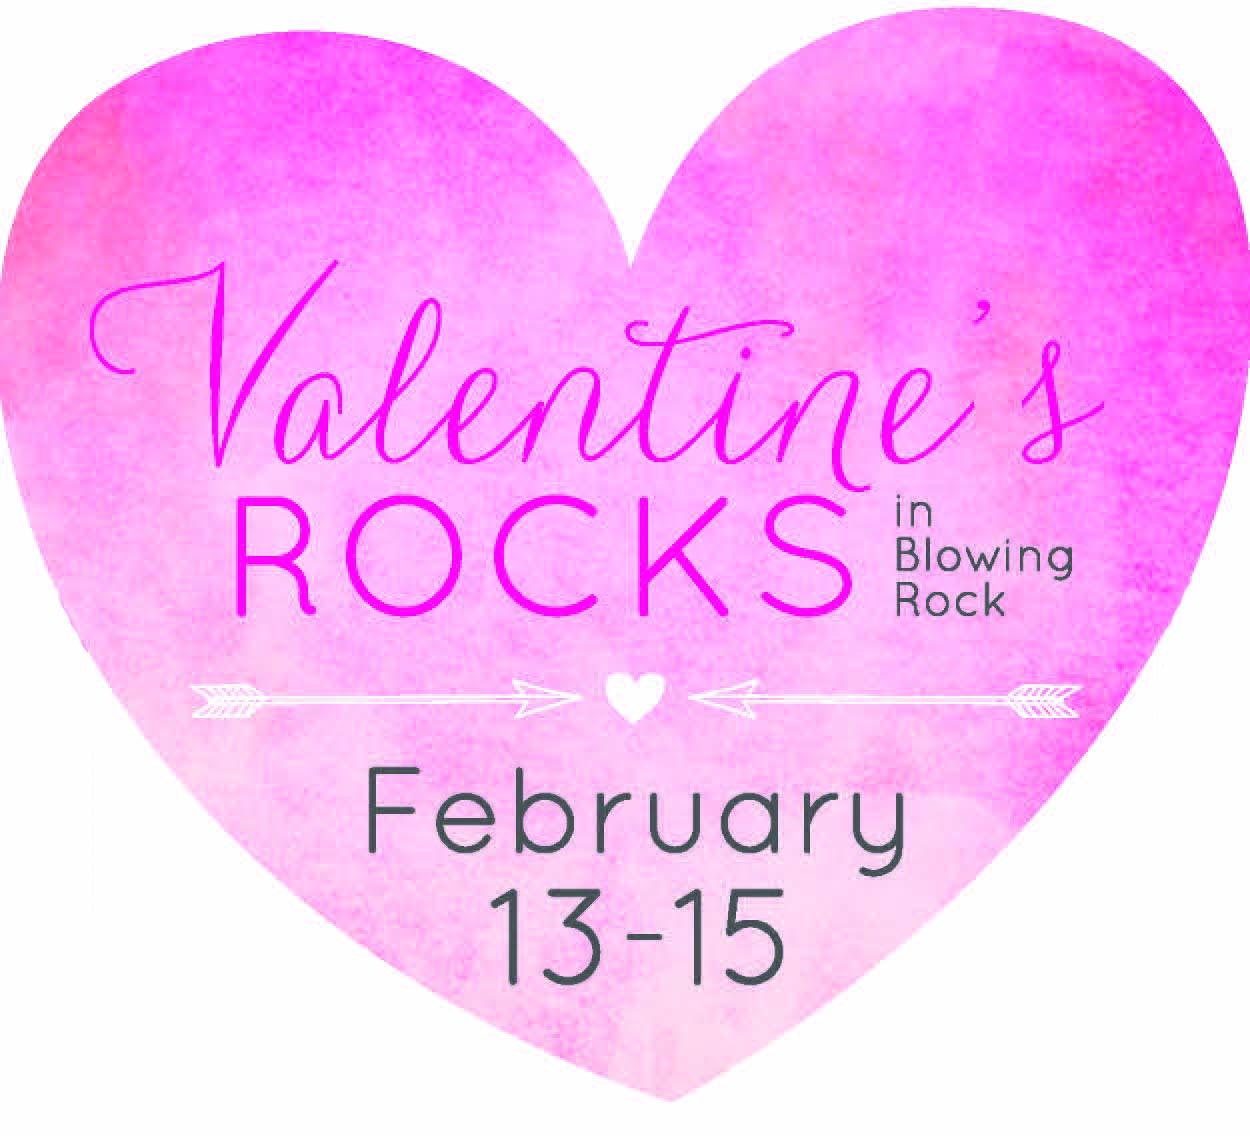 FEB15_ValentinesBlowingRockStroll_Postcards